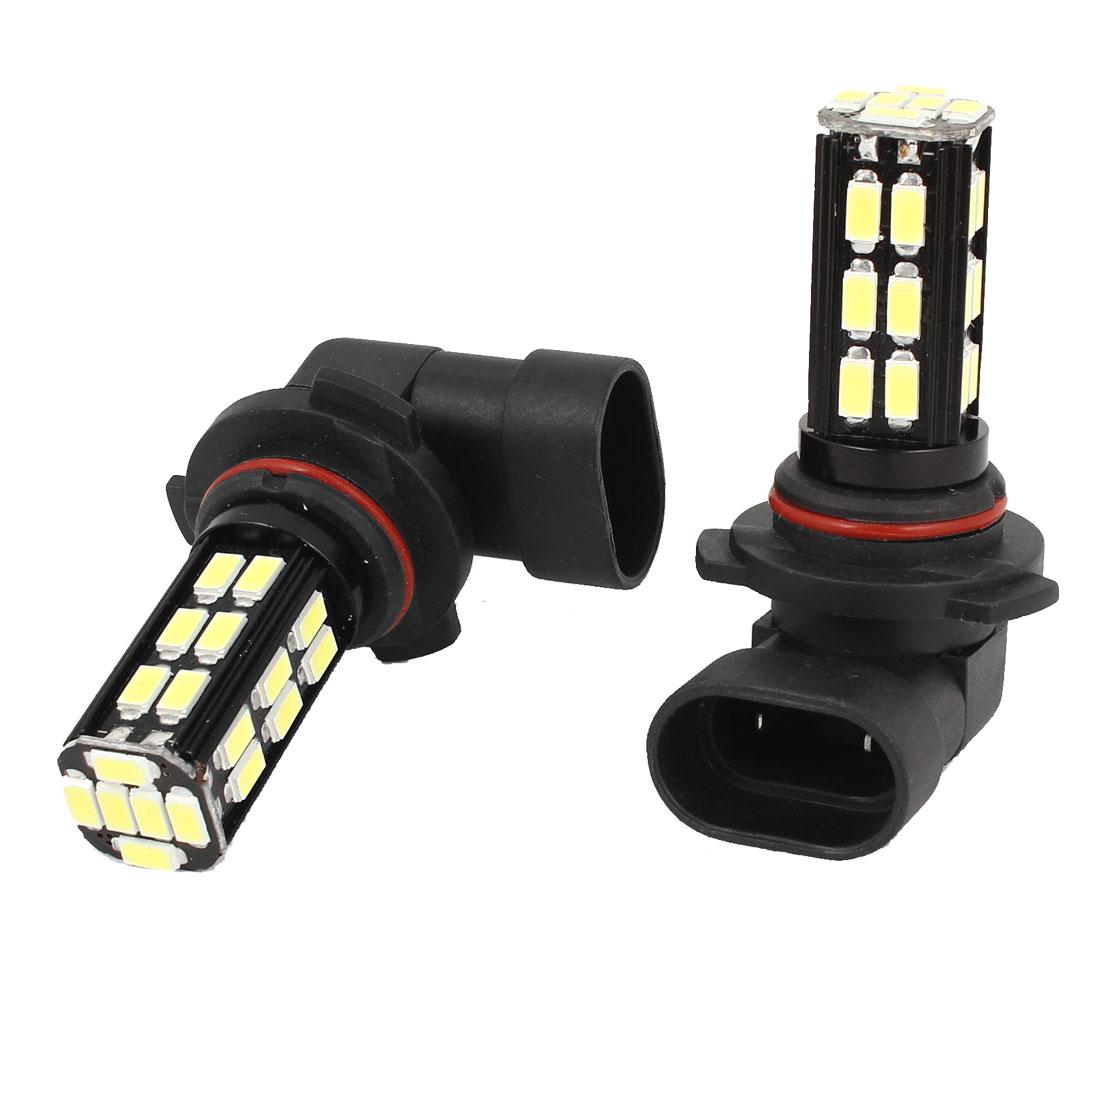 2 Pcs 9006 5630 30 SMD LED DRL Headlamp Fog Light Driving Lamp White 12V